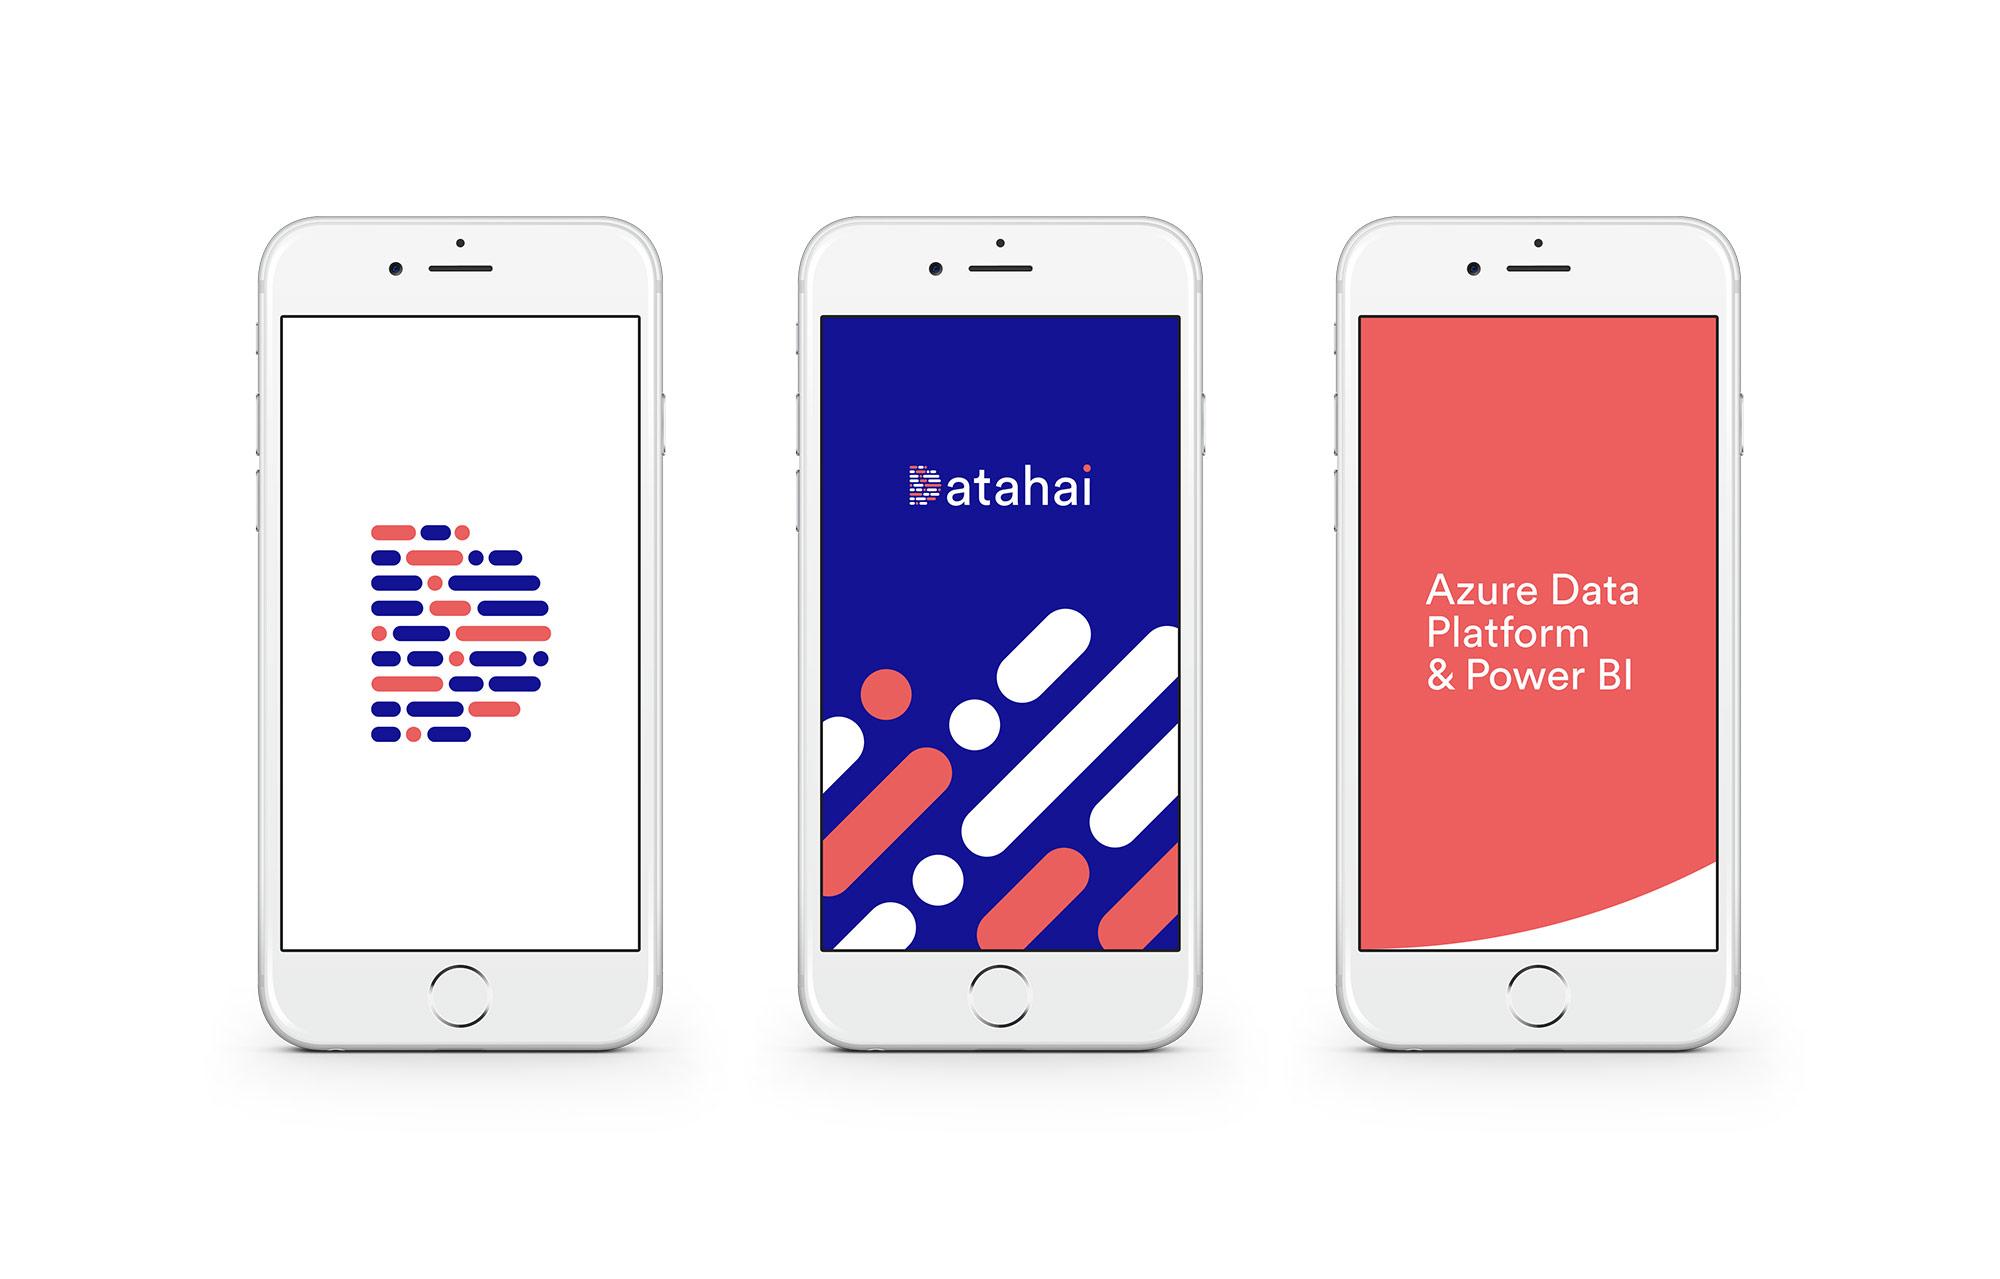 gareth-paul-jones-studio-design-datahai-case-study-09-2000px